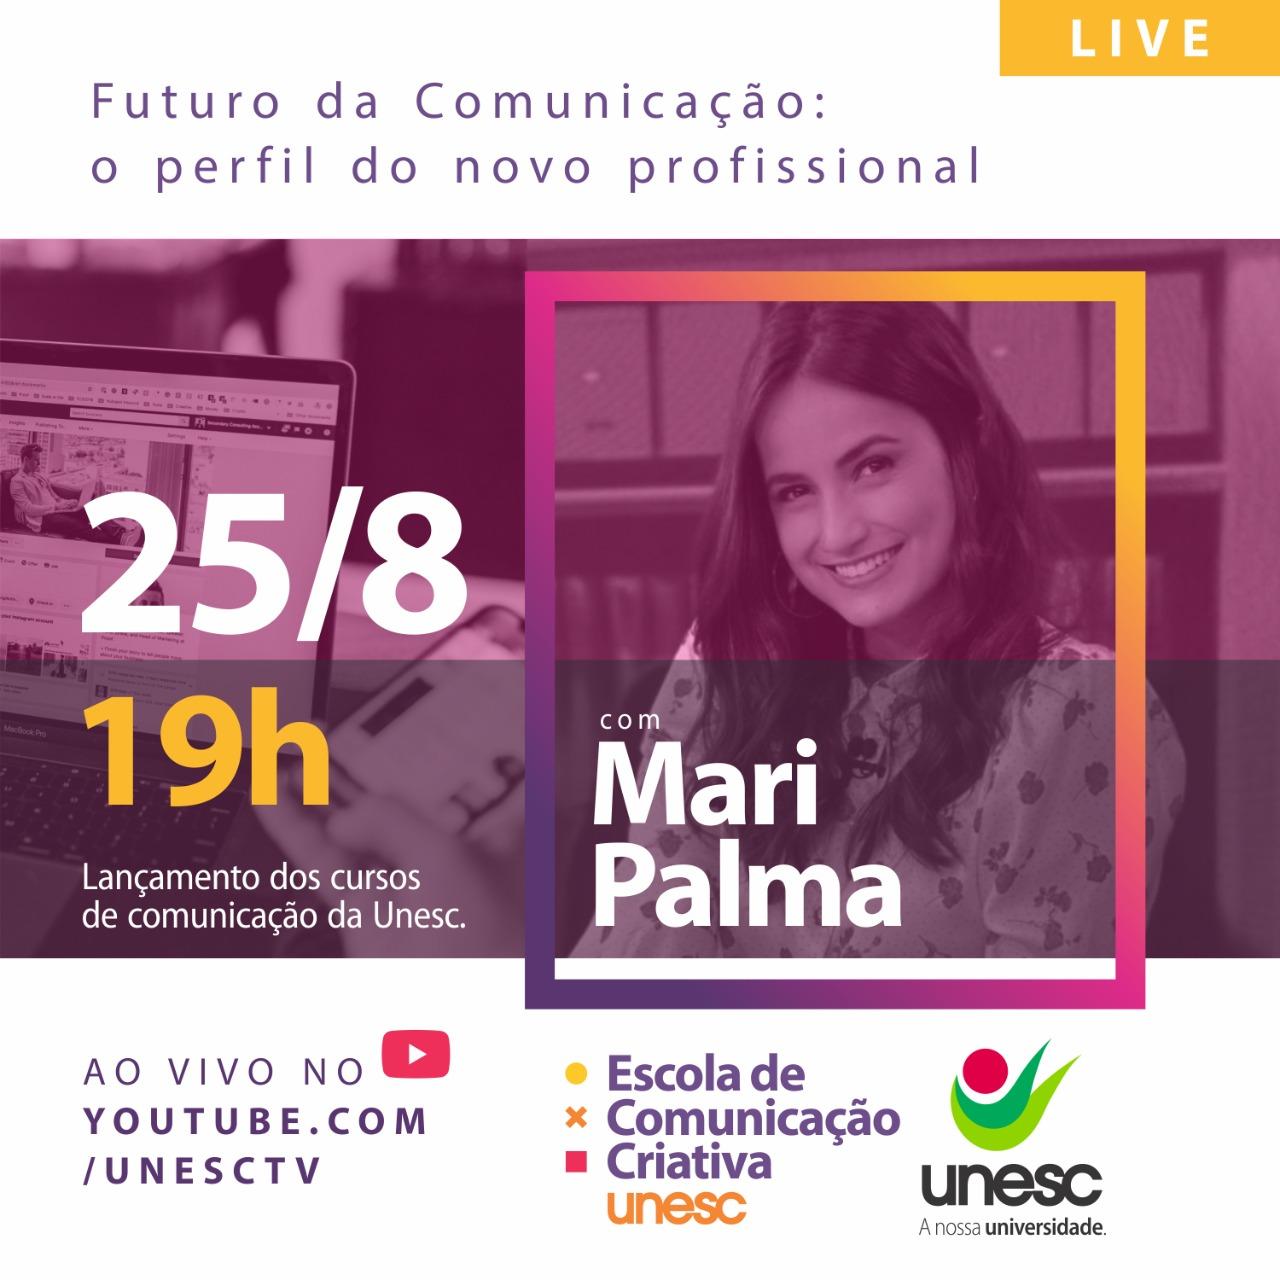 Unesc recebe jornalista Mari Palma em lançamento da Escola de Comunicação